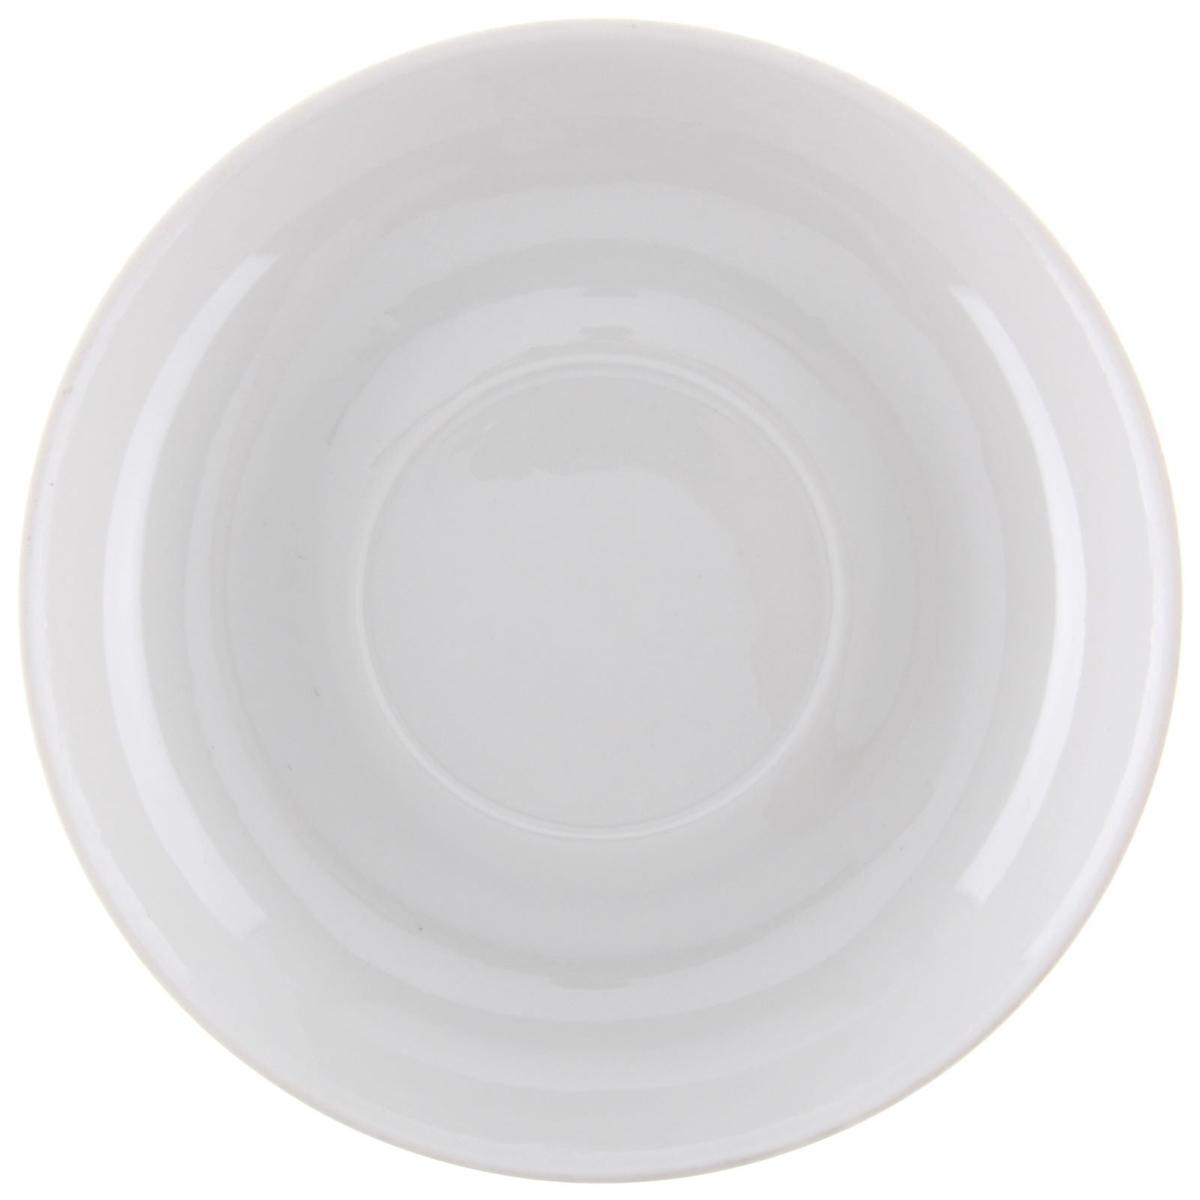 Фарфор Вербилок Блюдце чайное 13331761333176От качества посуды зависит не только вкус еды, но и здоровье человека. Чайное блюдце от Фарфор Вербилок - товар, соответствующий российским стандартам качества. Любой хозяйке будет приятно держать его в руках. С такой посудой и кухонной утварью приготовление еды и сервировка стола превратятся в настоящий праздник.Материал: Фарфор.